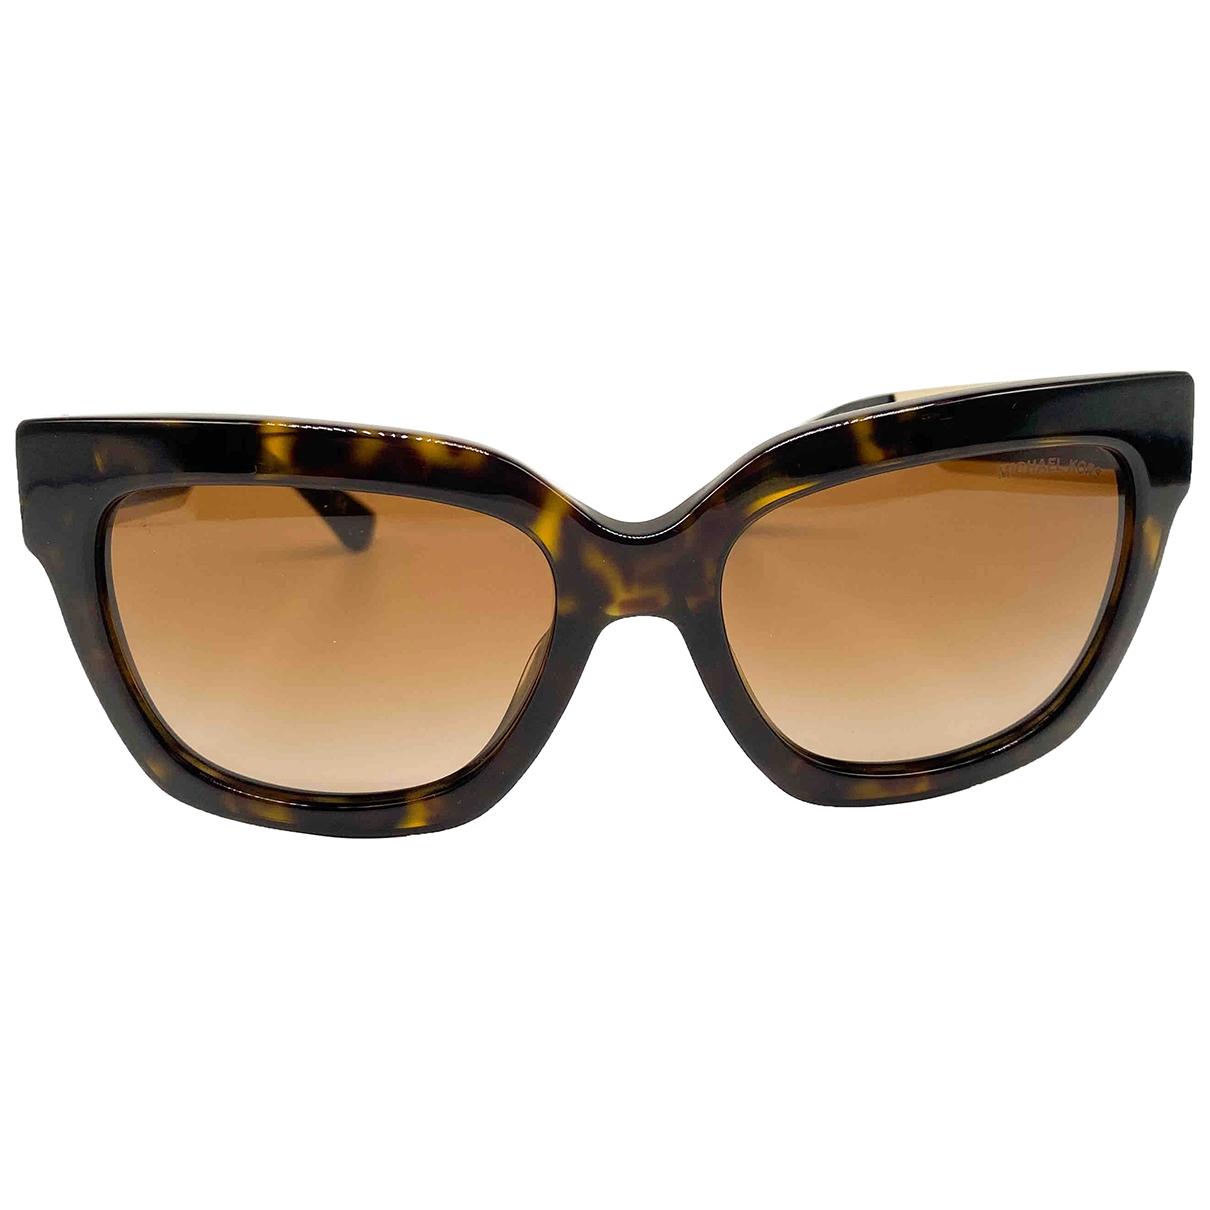 Michael Kors - Lunettes   pour femme - marron